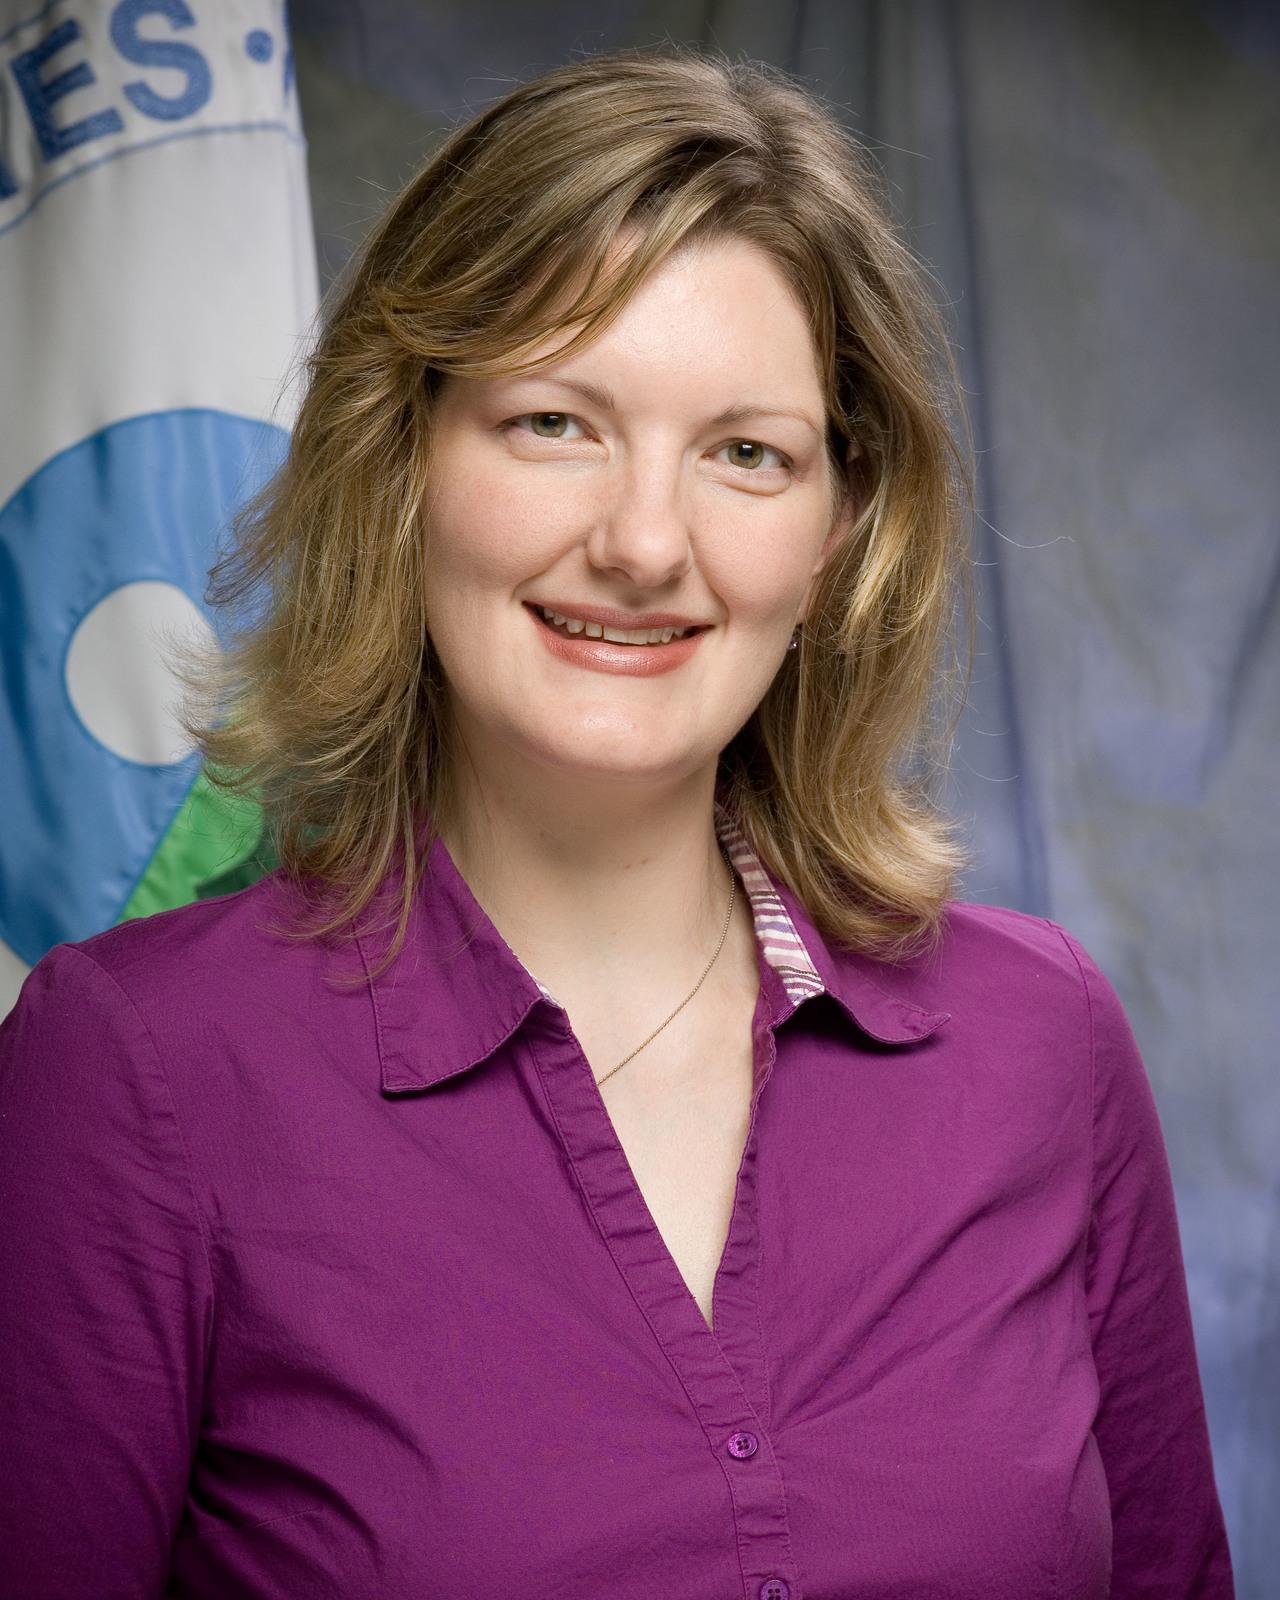 Office of Research and Development - Chapel Hill Portraits - Brooke Heidenfelder [412-APD-948-Brooke_1Heidenfelder_101.jpg]